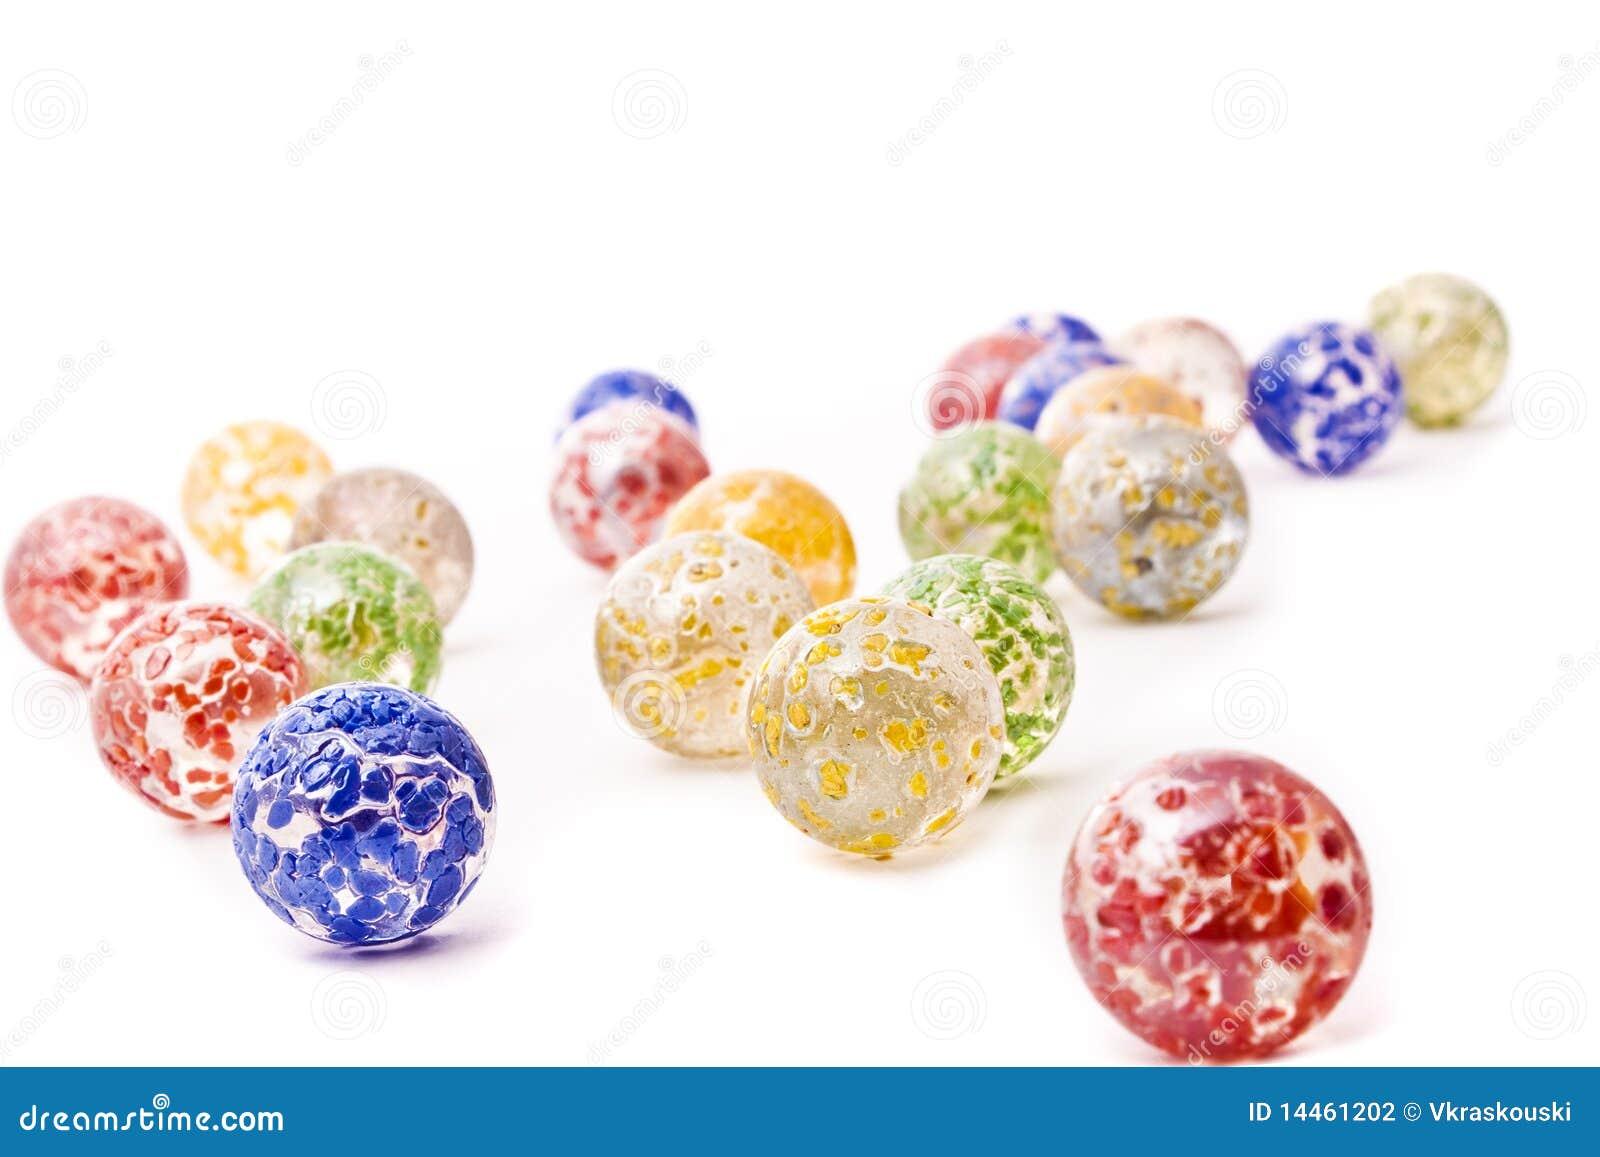 Bolitas de cristal imagui for Bolas de cristal decorativas